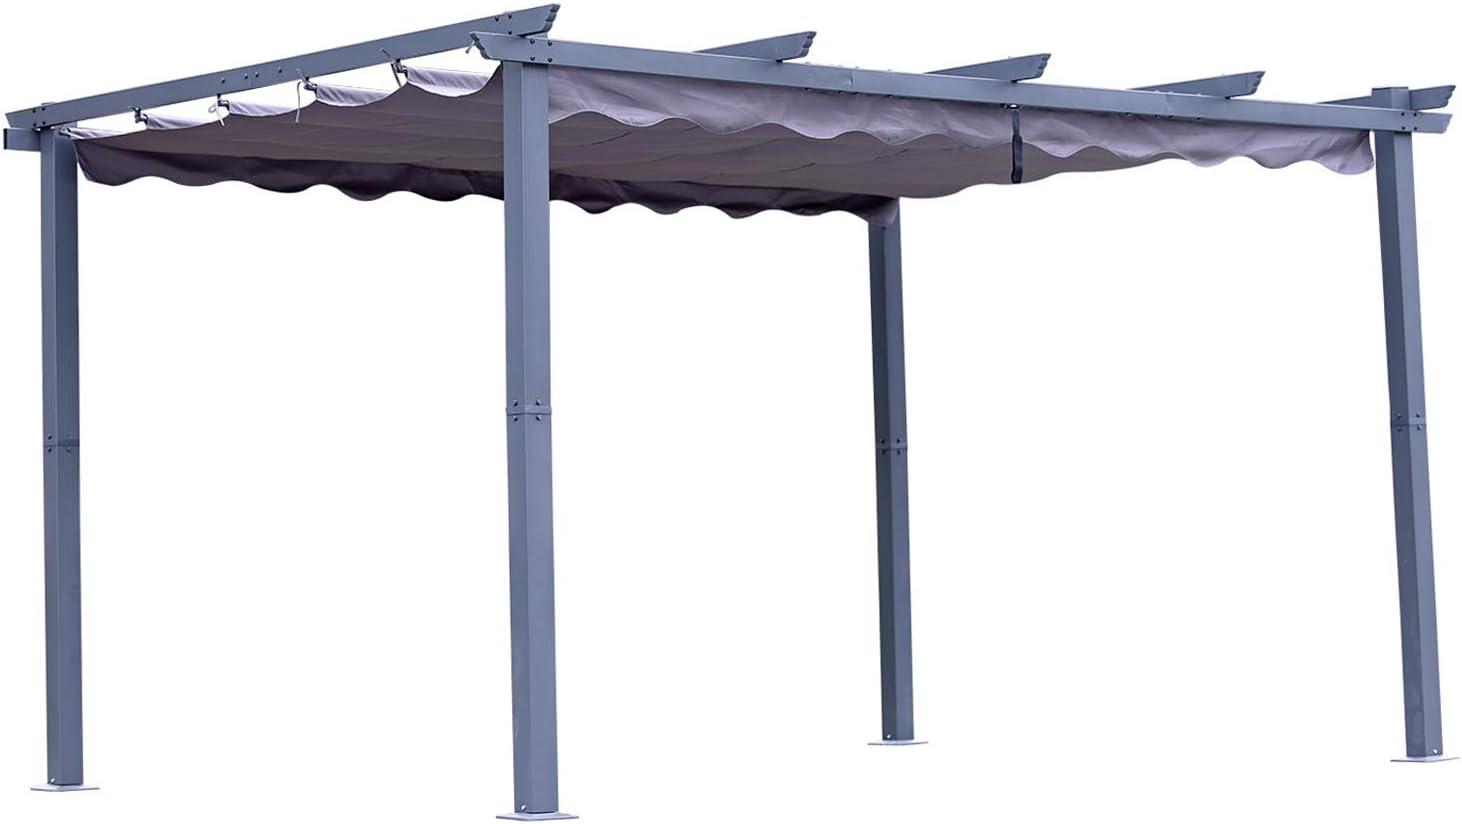 Angel Living [Actualizado] Pérgola de Aluminio con Techo Retráctil, Pabellón con Diseño Elegante, Cenador con Tela de Poliéster Resistente al Agua y a UV, Uso para el Exterior (3 x 4, Gris)